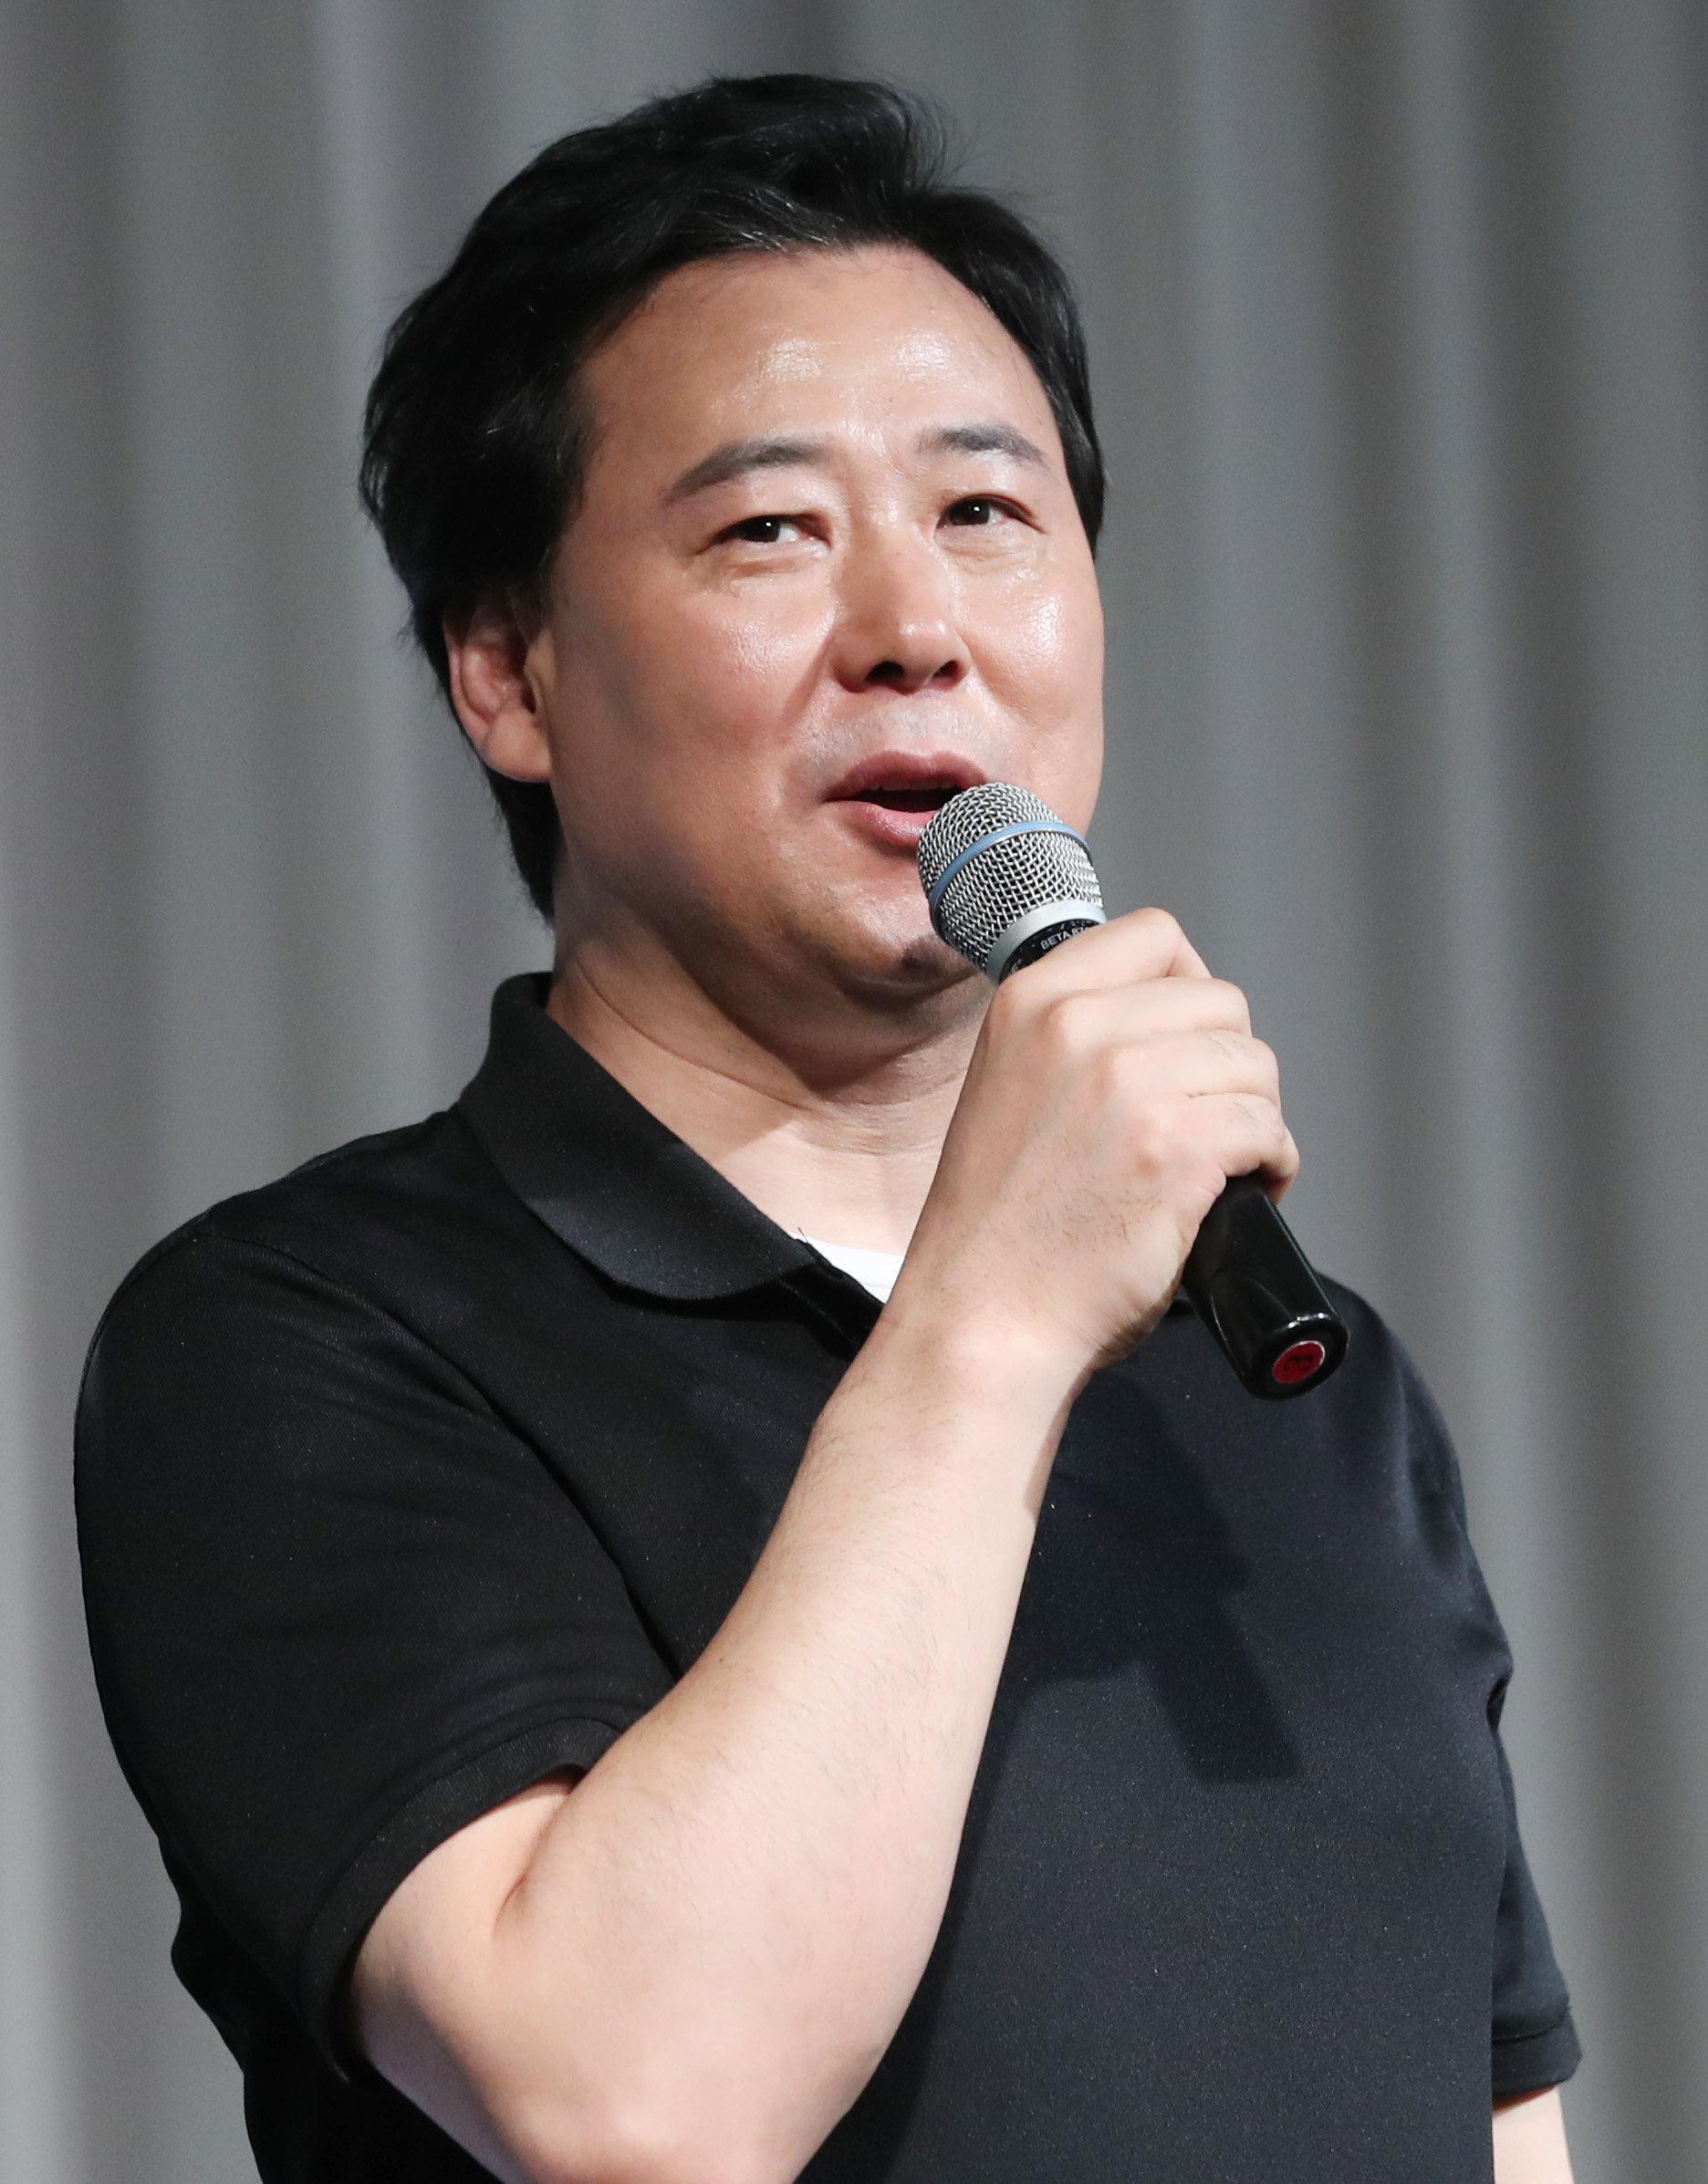 김창환이 '더 이스트라이트 폭행 논란'에 대해 직접 입장을